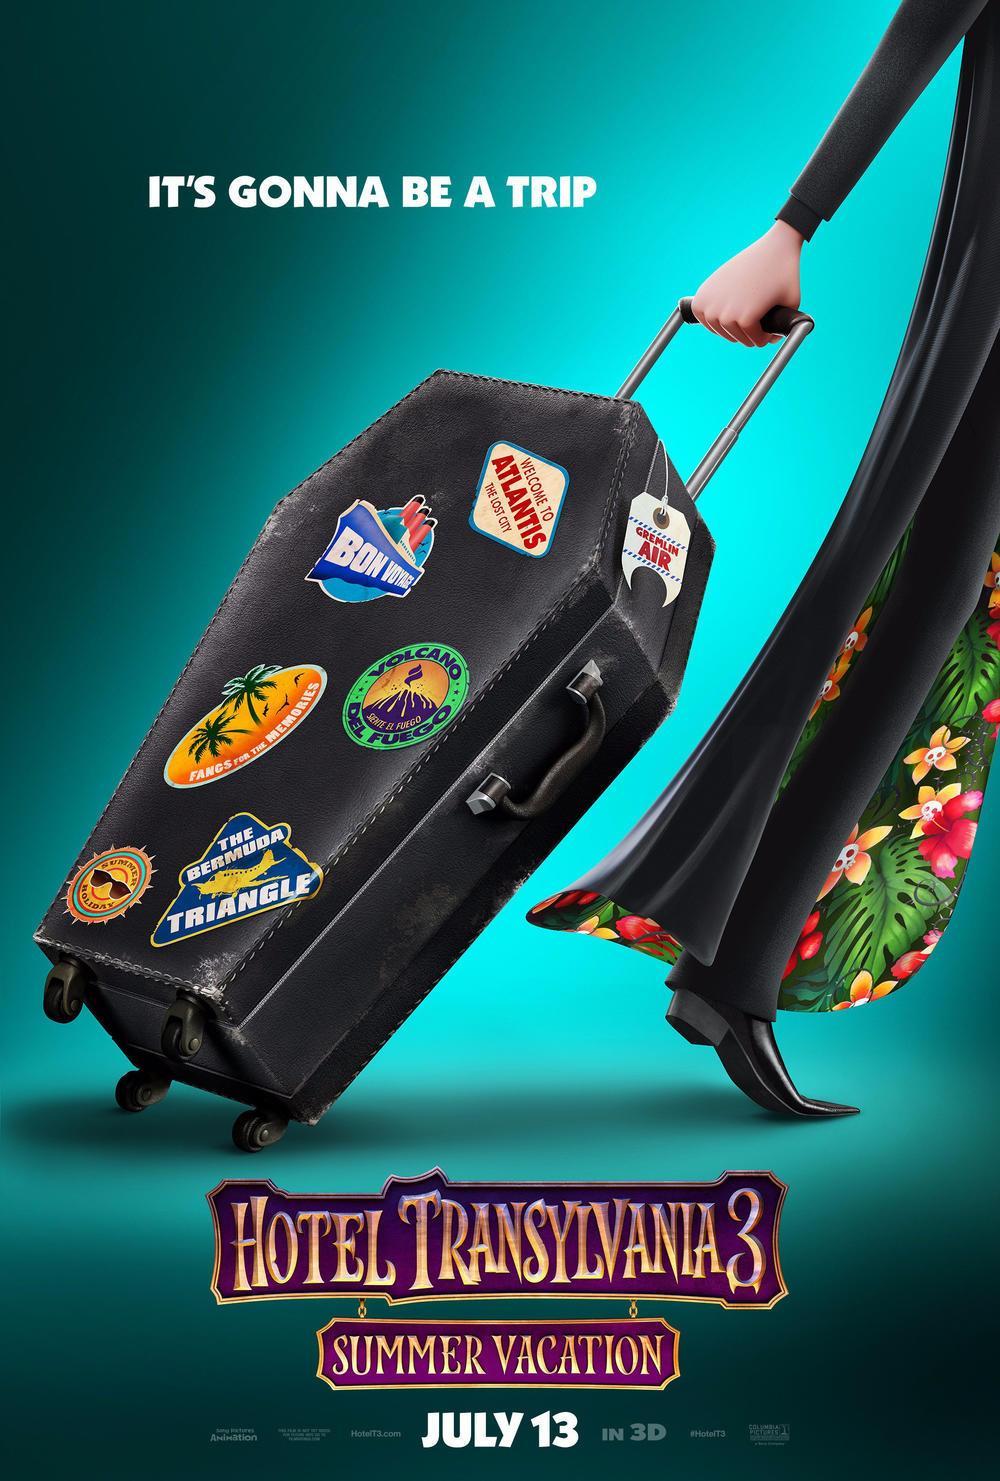 《精灵旅社3:疯狂假期》(Hotel Transylvania 3: Summer Vacation)曝光全新预告